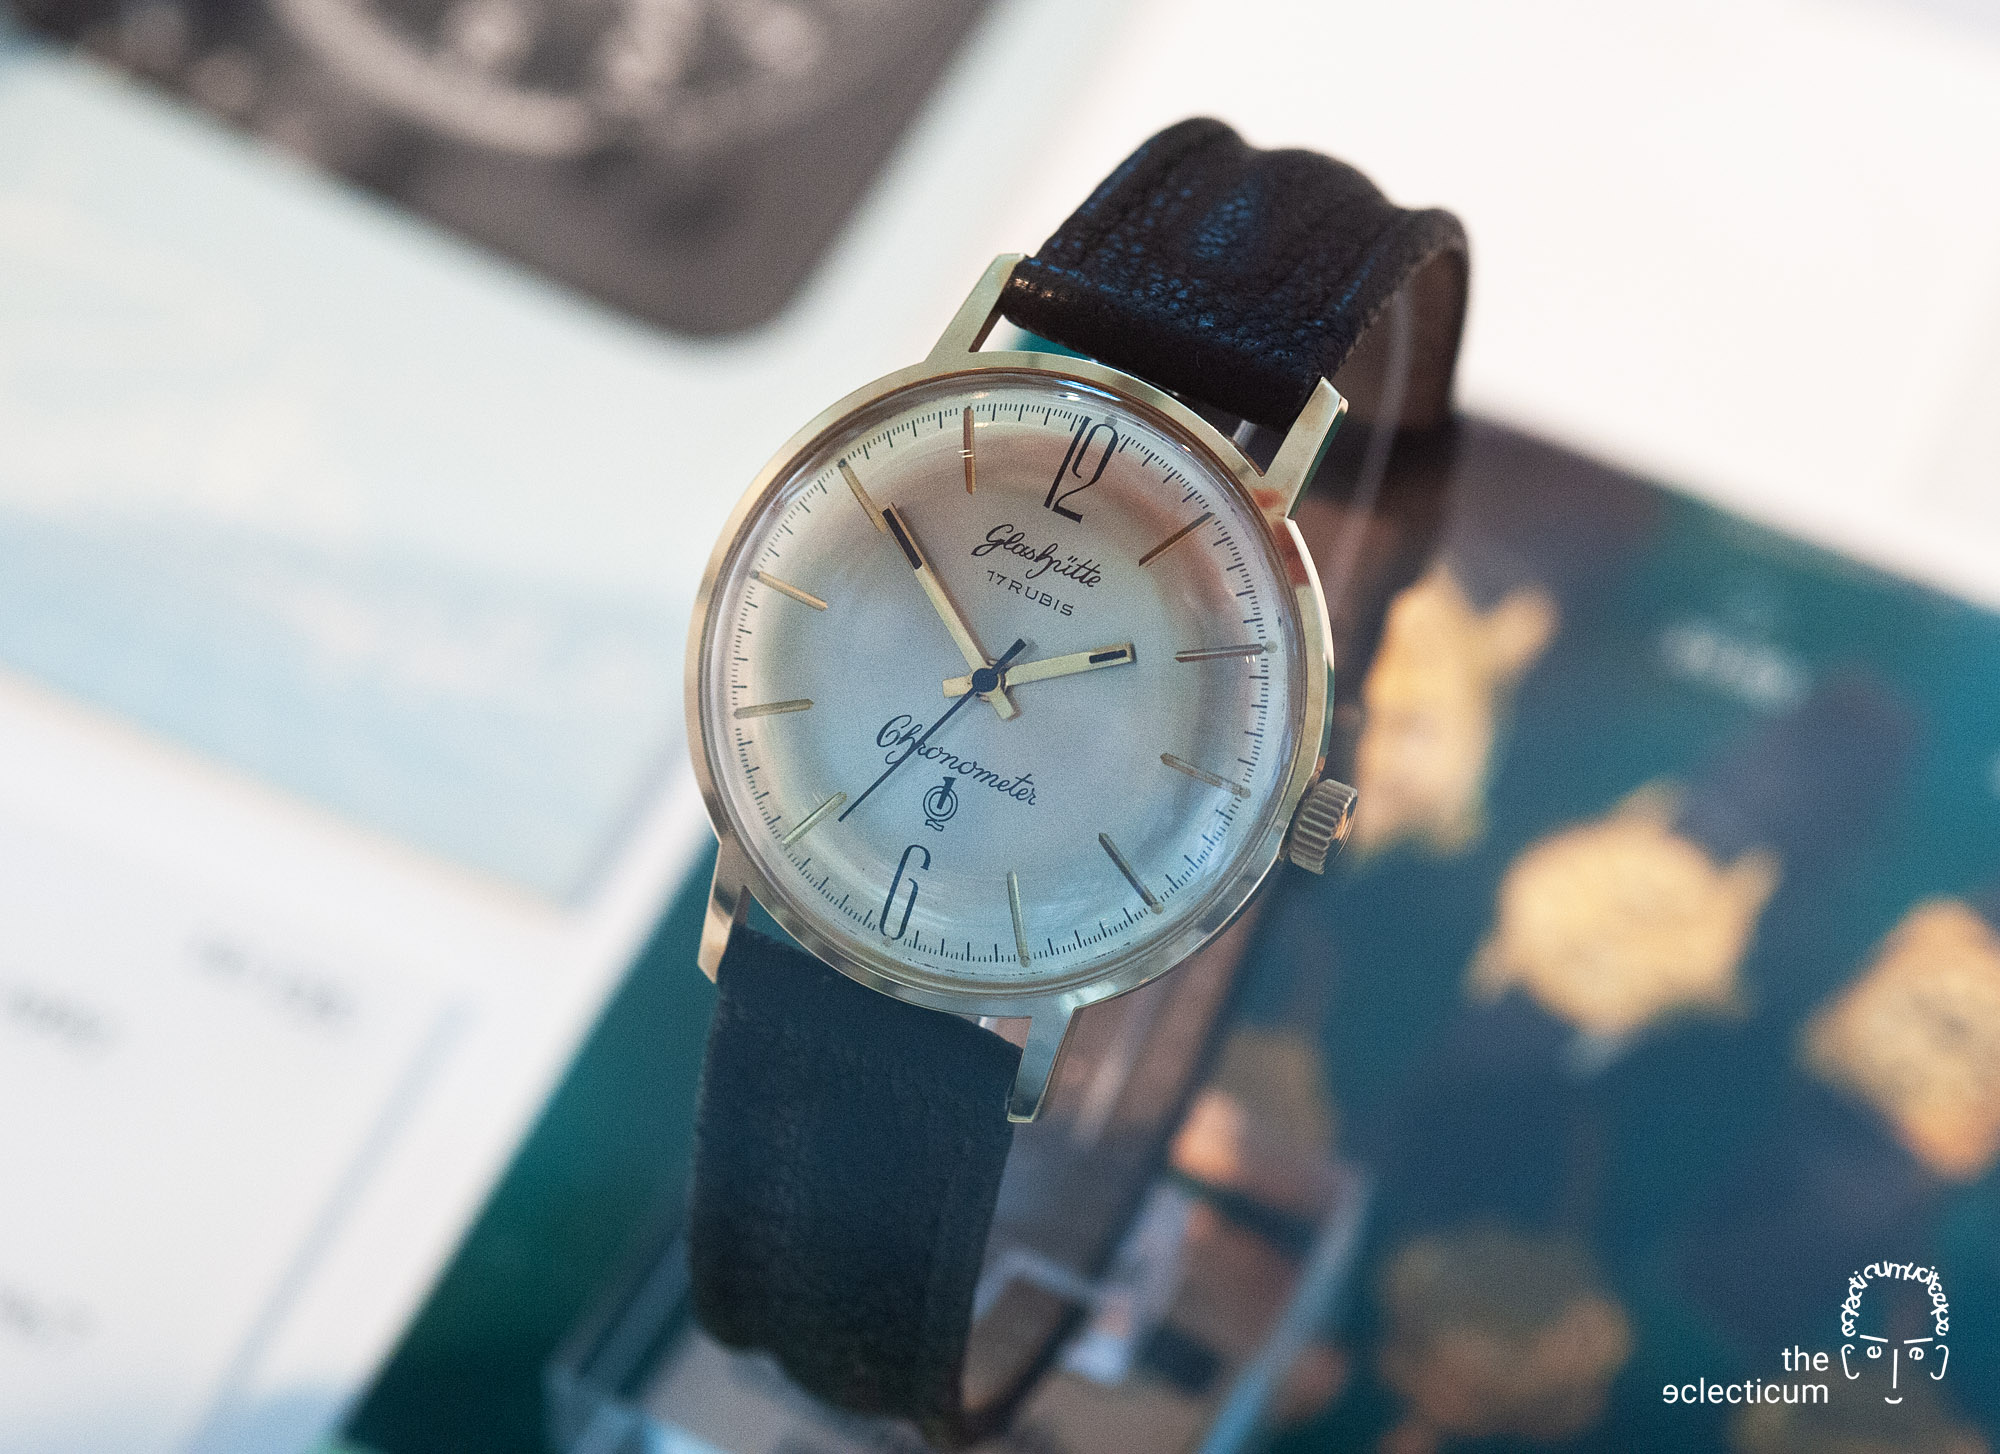 Glashütte Original Chronometer Museum 1960